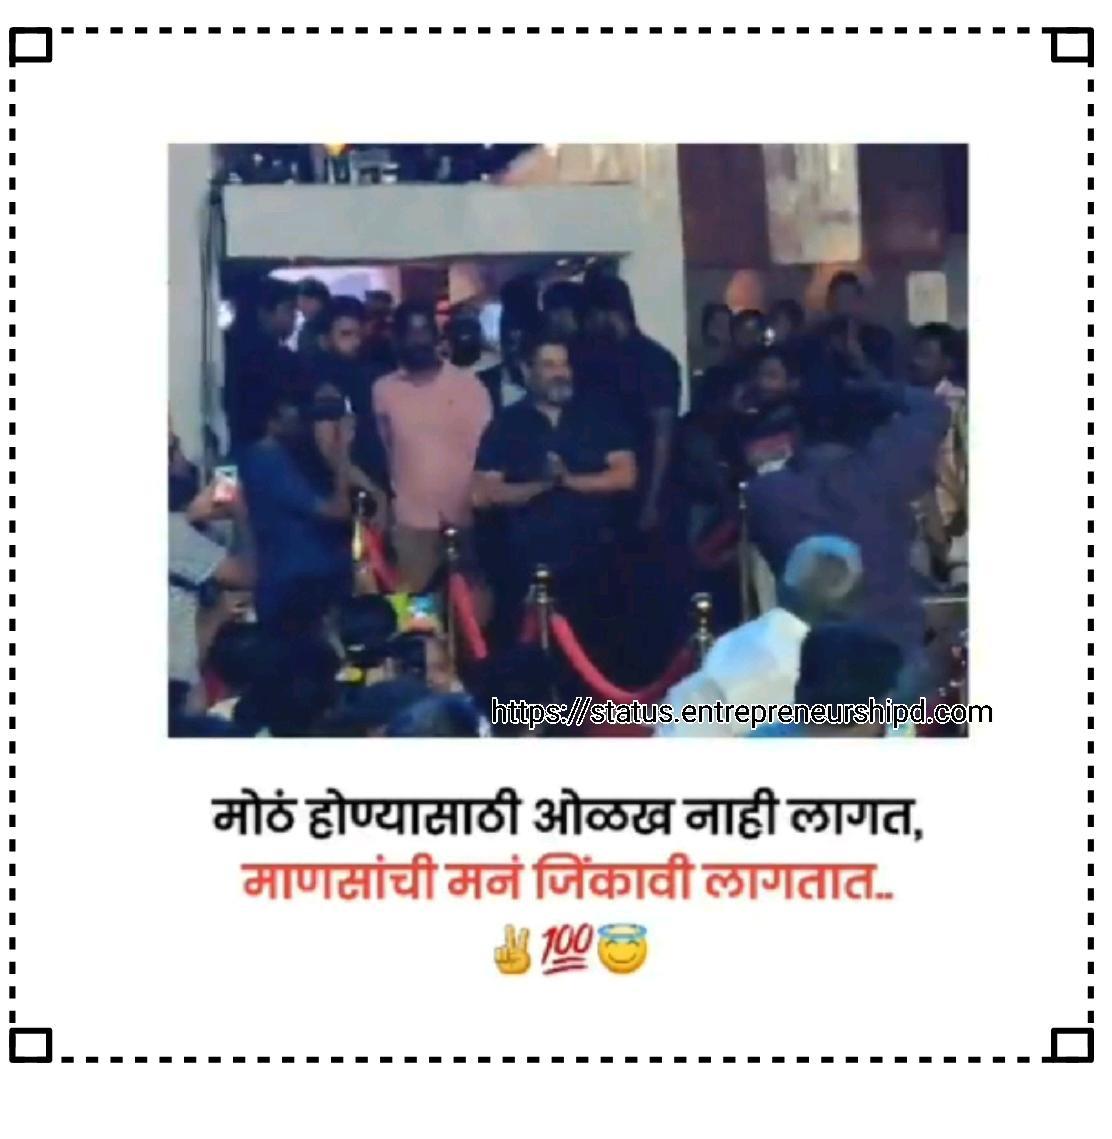 Marathi a attitude status Marathi attitude status boy